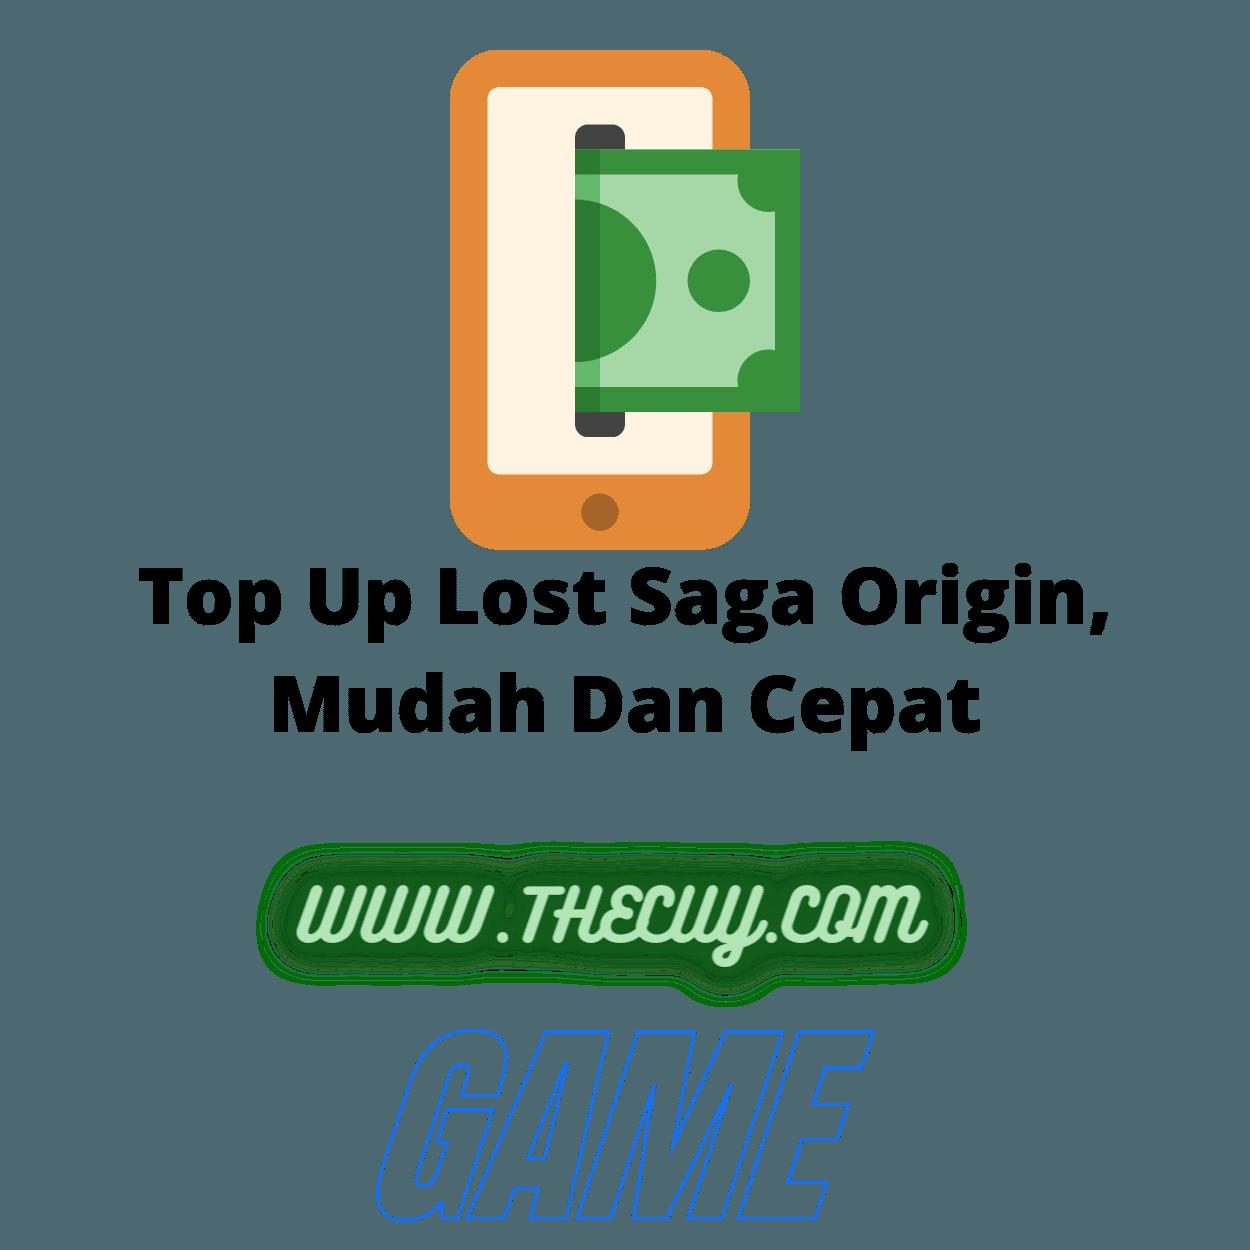 Top Up Lost Saga Origin, Mudah Dan Cepat